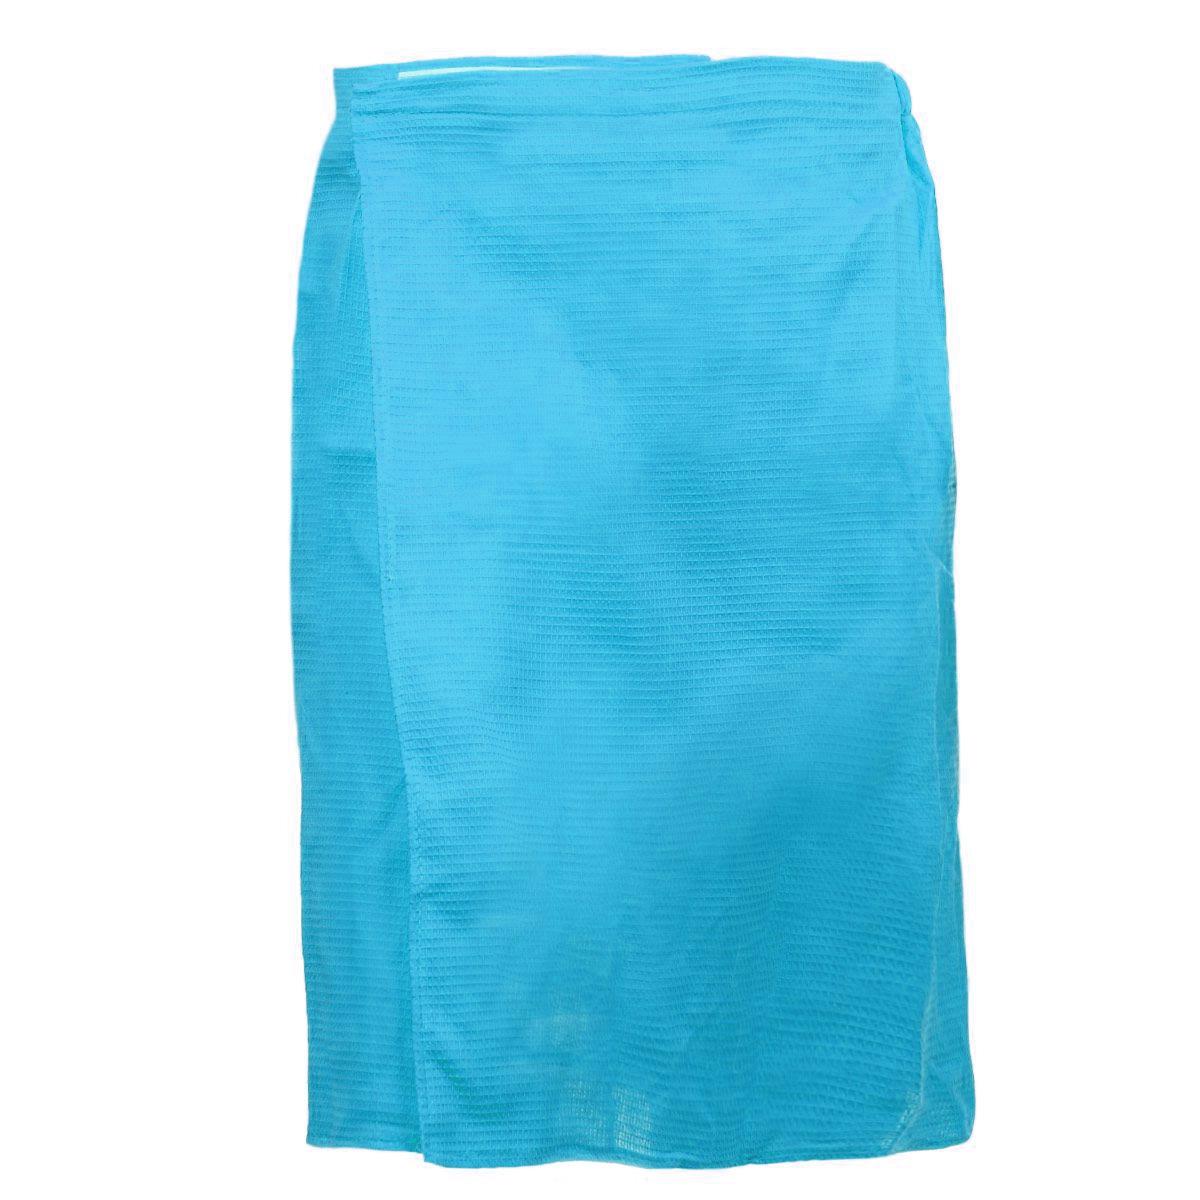 Килт для бани и сауны Банные штучки, мужской, цвет: голубой32060_голубойВафельный килт для бани и сауны Банные штучки, выполненный из натурального хлопка, привлечет внимание любителей модных тенденций в банной одежде. Килт - это многофункциональное полотенце специального покроя с резинкой и застежкой. В парилке можно лежать на нем, после душа вытираться, а во время отдыха использовать как удобную накидку. Длина килта: 60 см. Ширина килта: 145 см. Размер: 36-60.